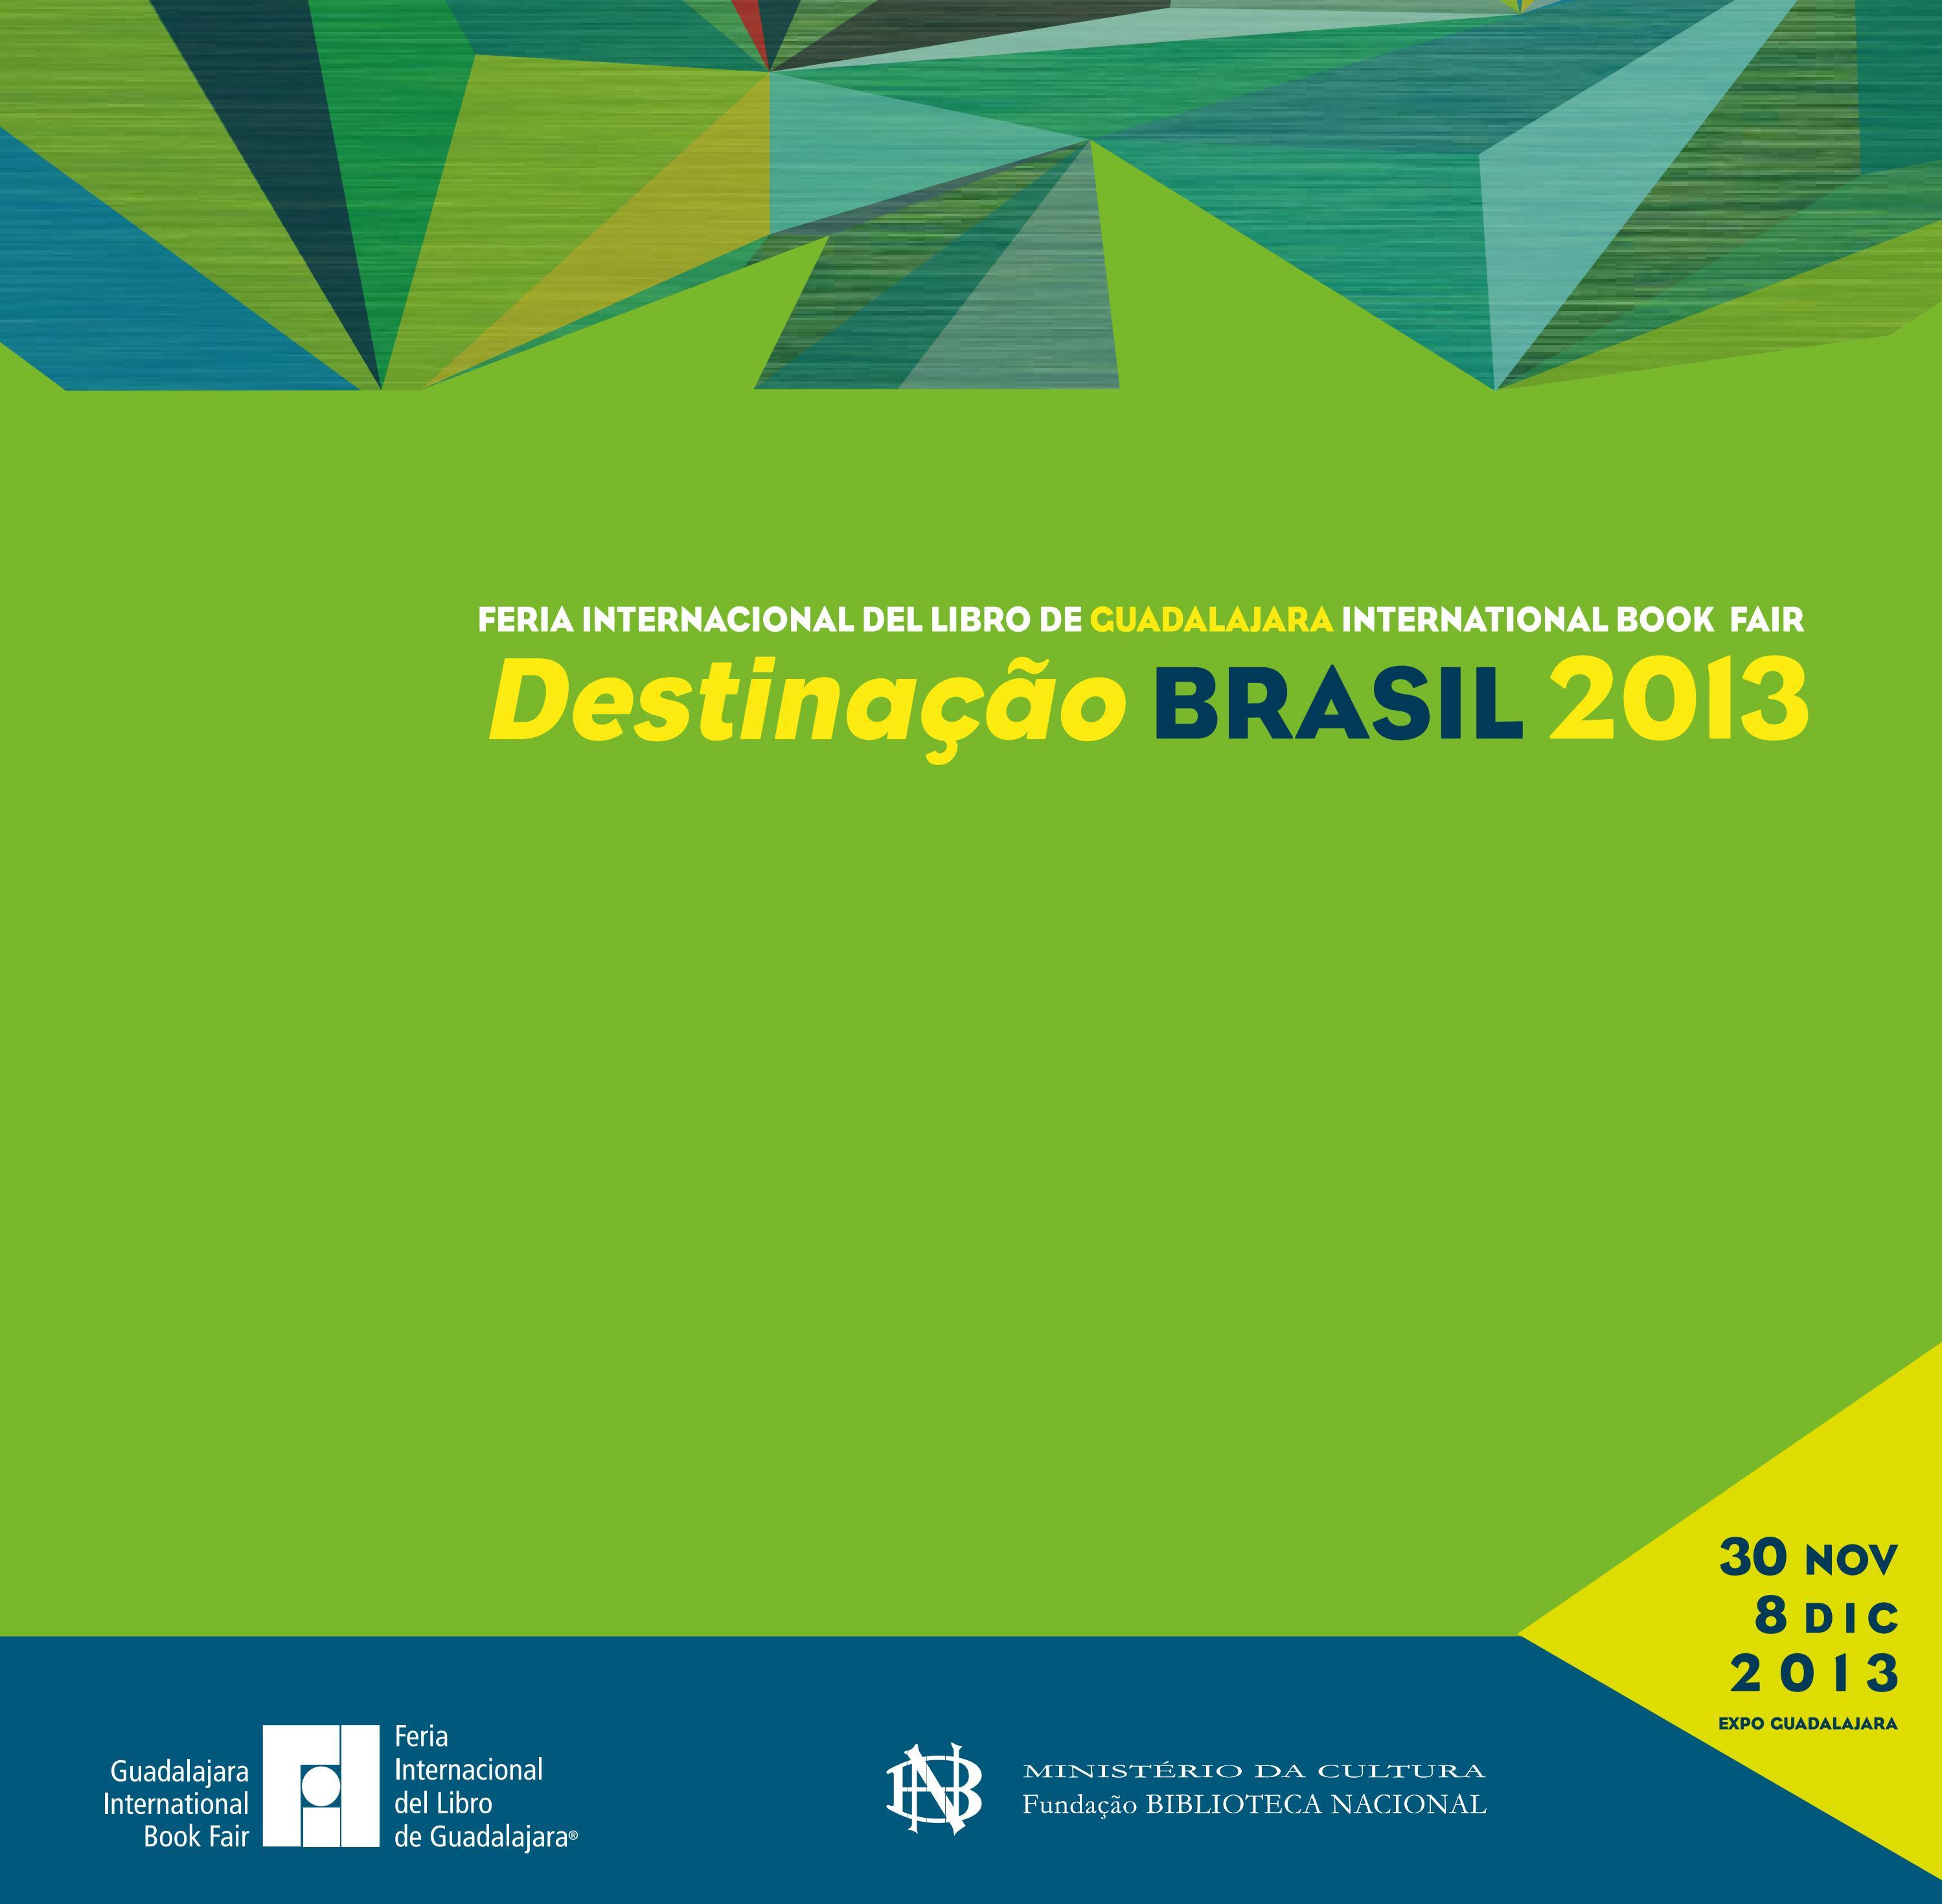 bba47eac5c39c Destinação Brasil 2013 by Feria Internacional del Libro de Guadalajara FIL  - issuu